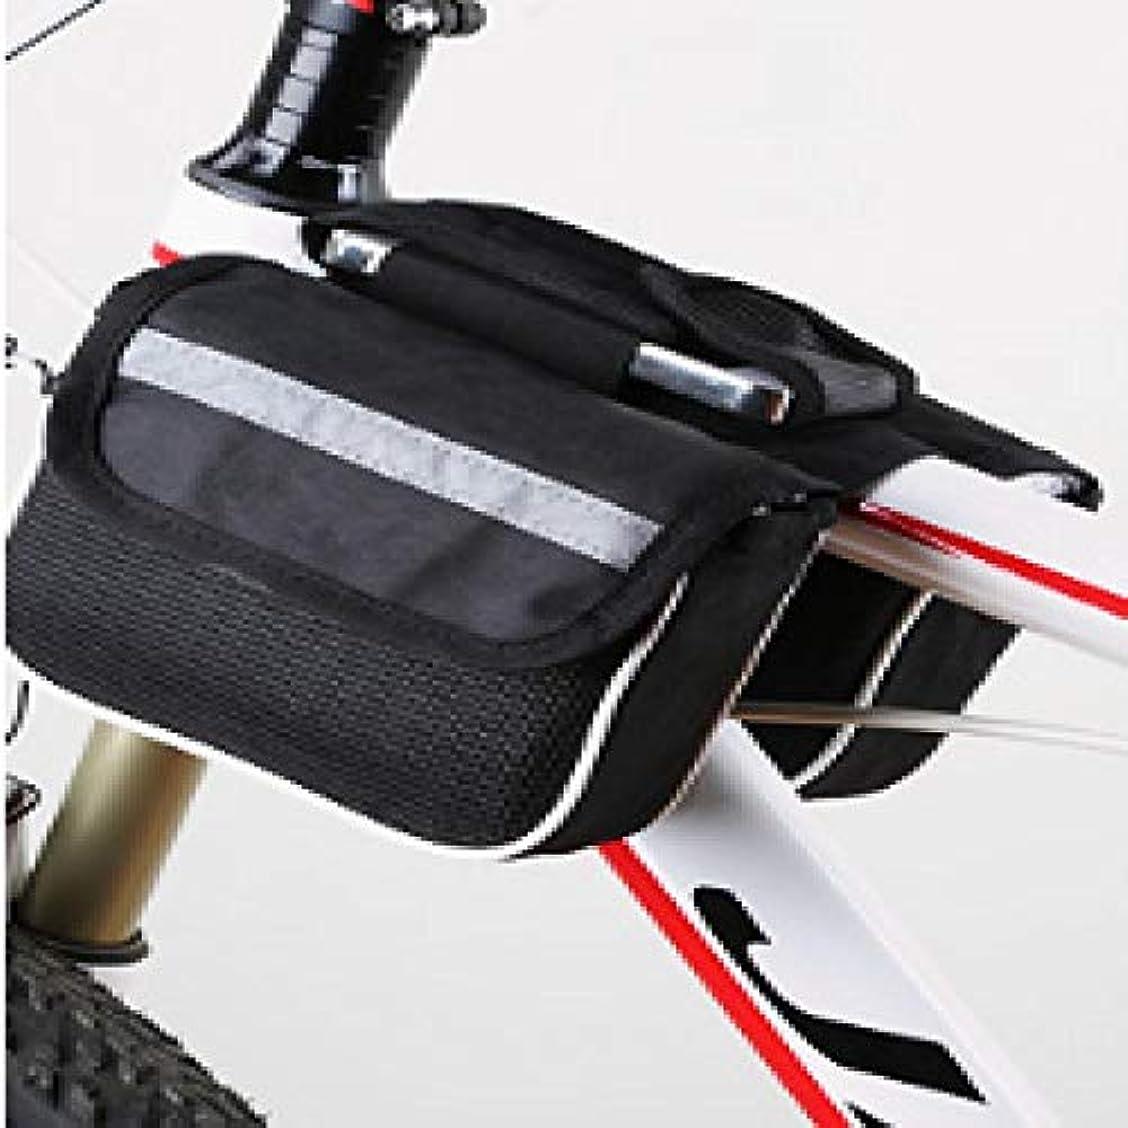 つづり剥離生き返らせる大容量の自転車バッグ、電話付きタオル、自転車ラック、平底サドルチューブバッグ用ダブルバッグ Black